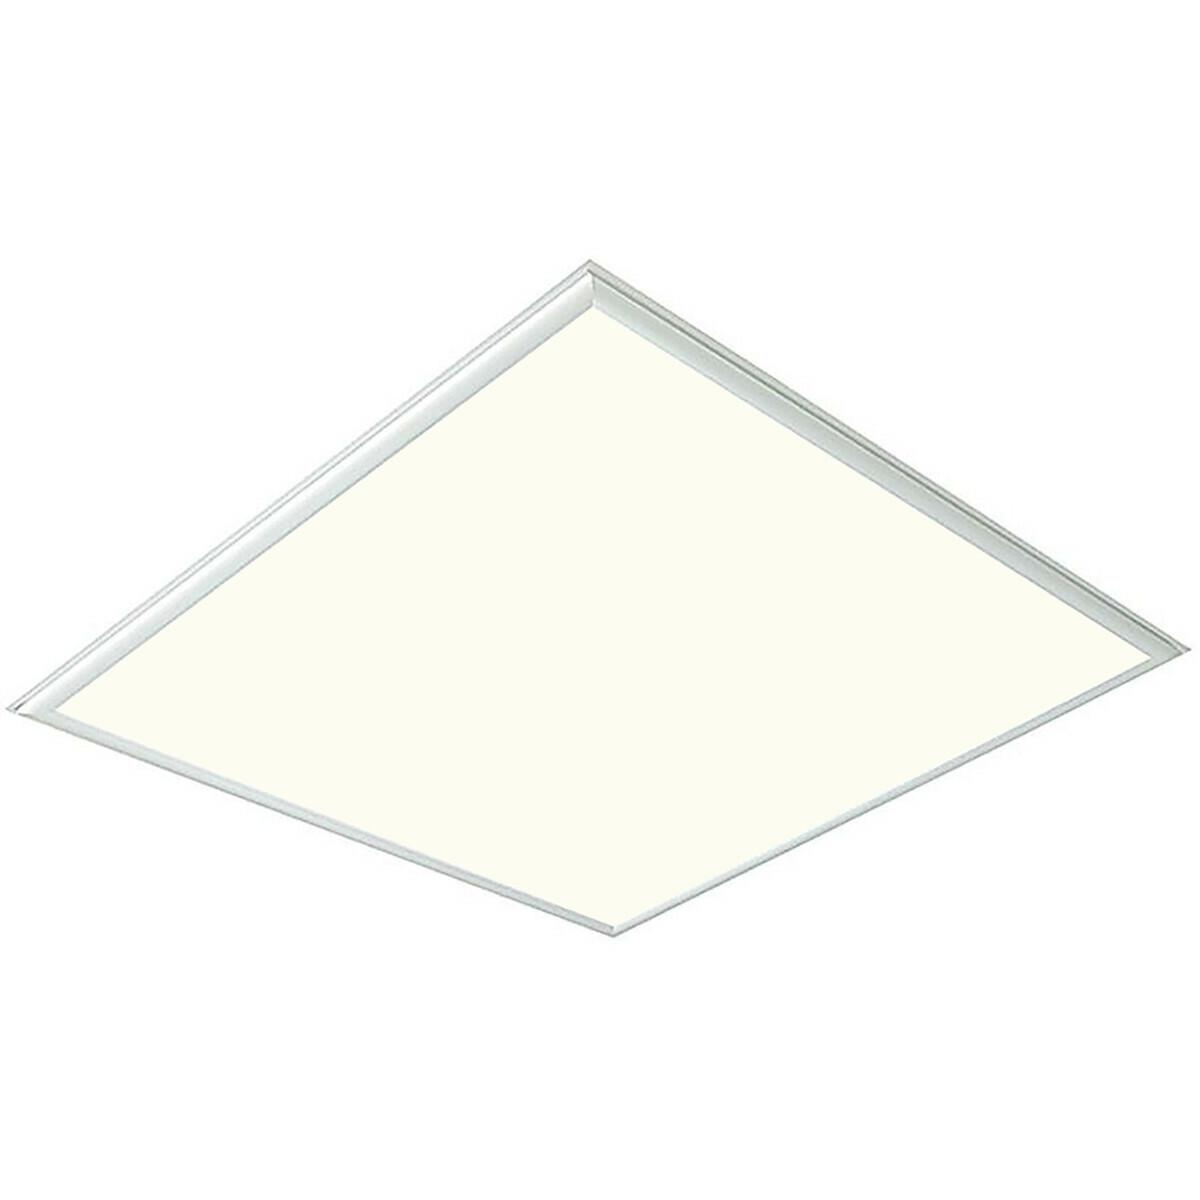 LED Paneel - Viron Viska - 60x60 Natuurlijk Wit 4000K - 36W Inbouw Vierkant - Mat Wit - Aluminium